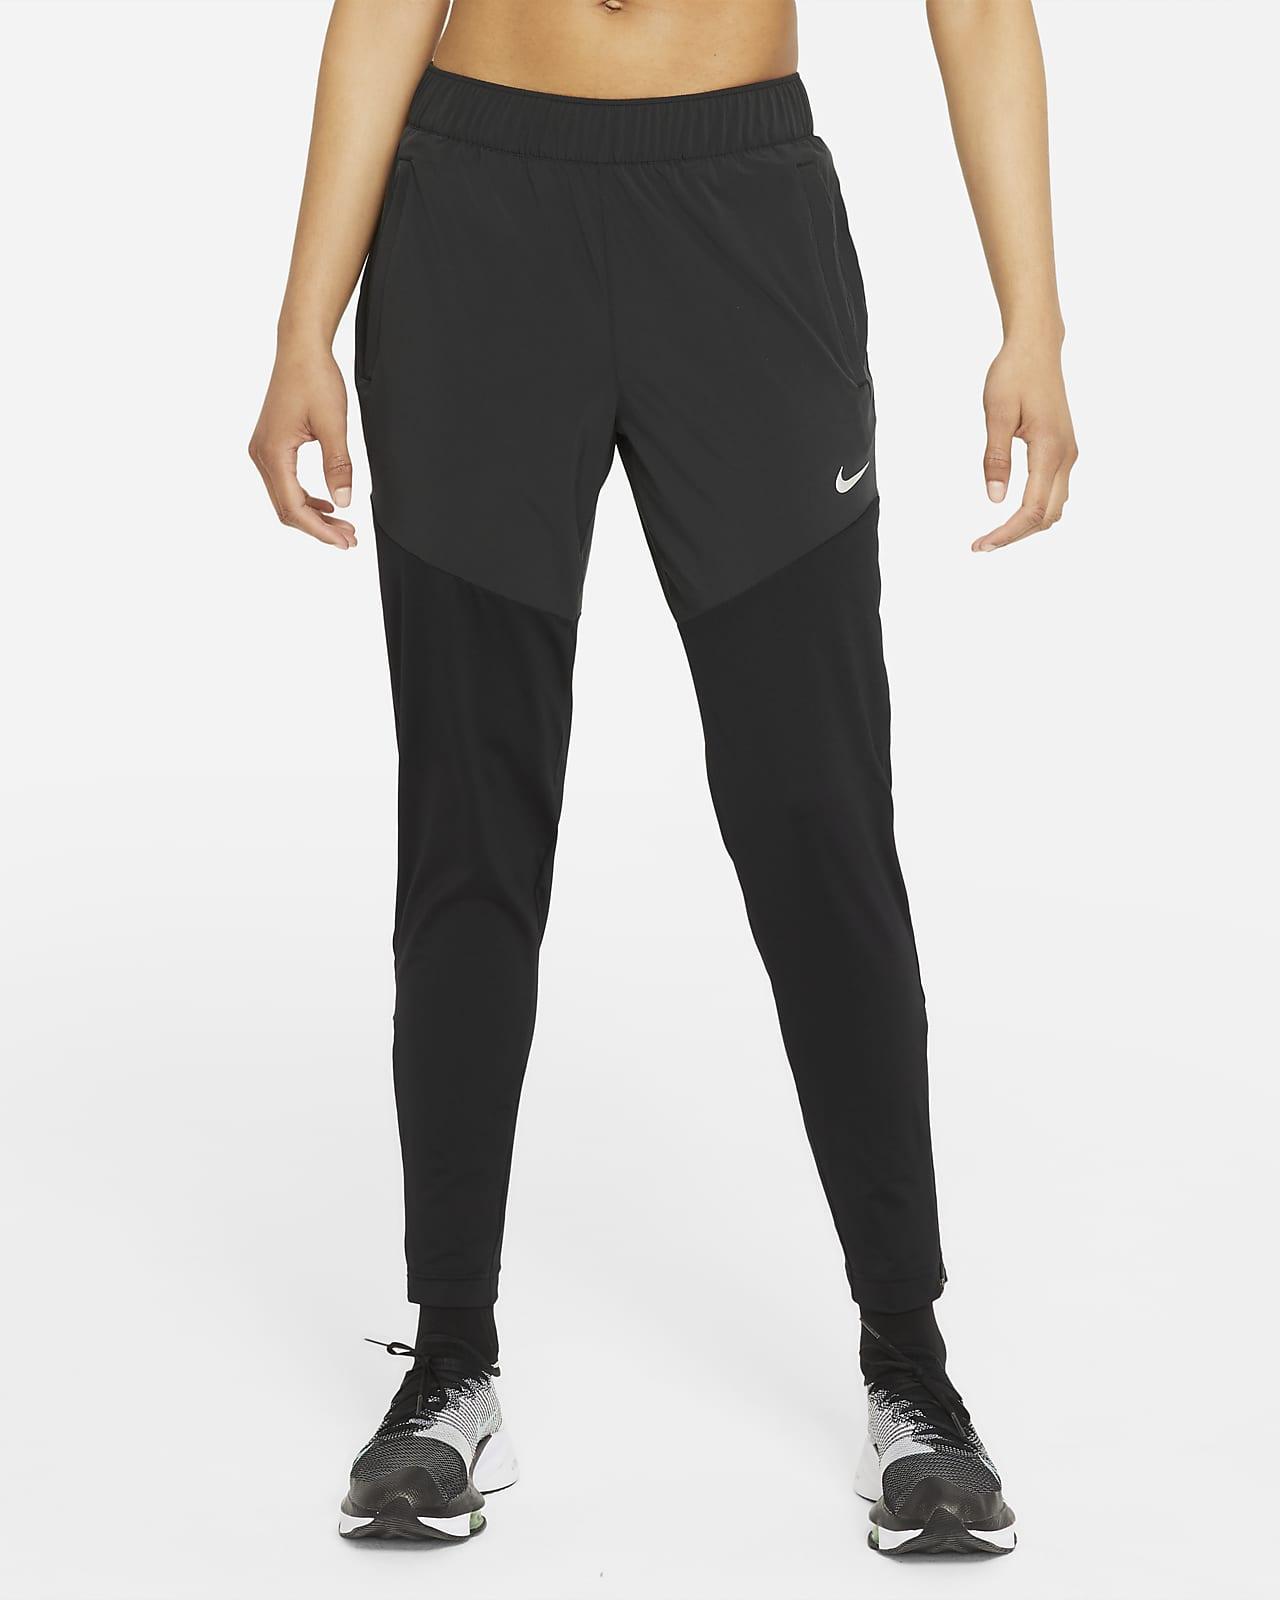 Pantalones de running para mujer Nike Dri-FIT Essential